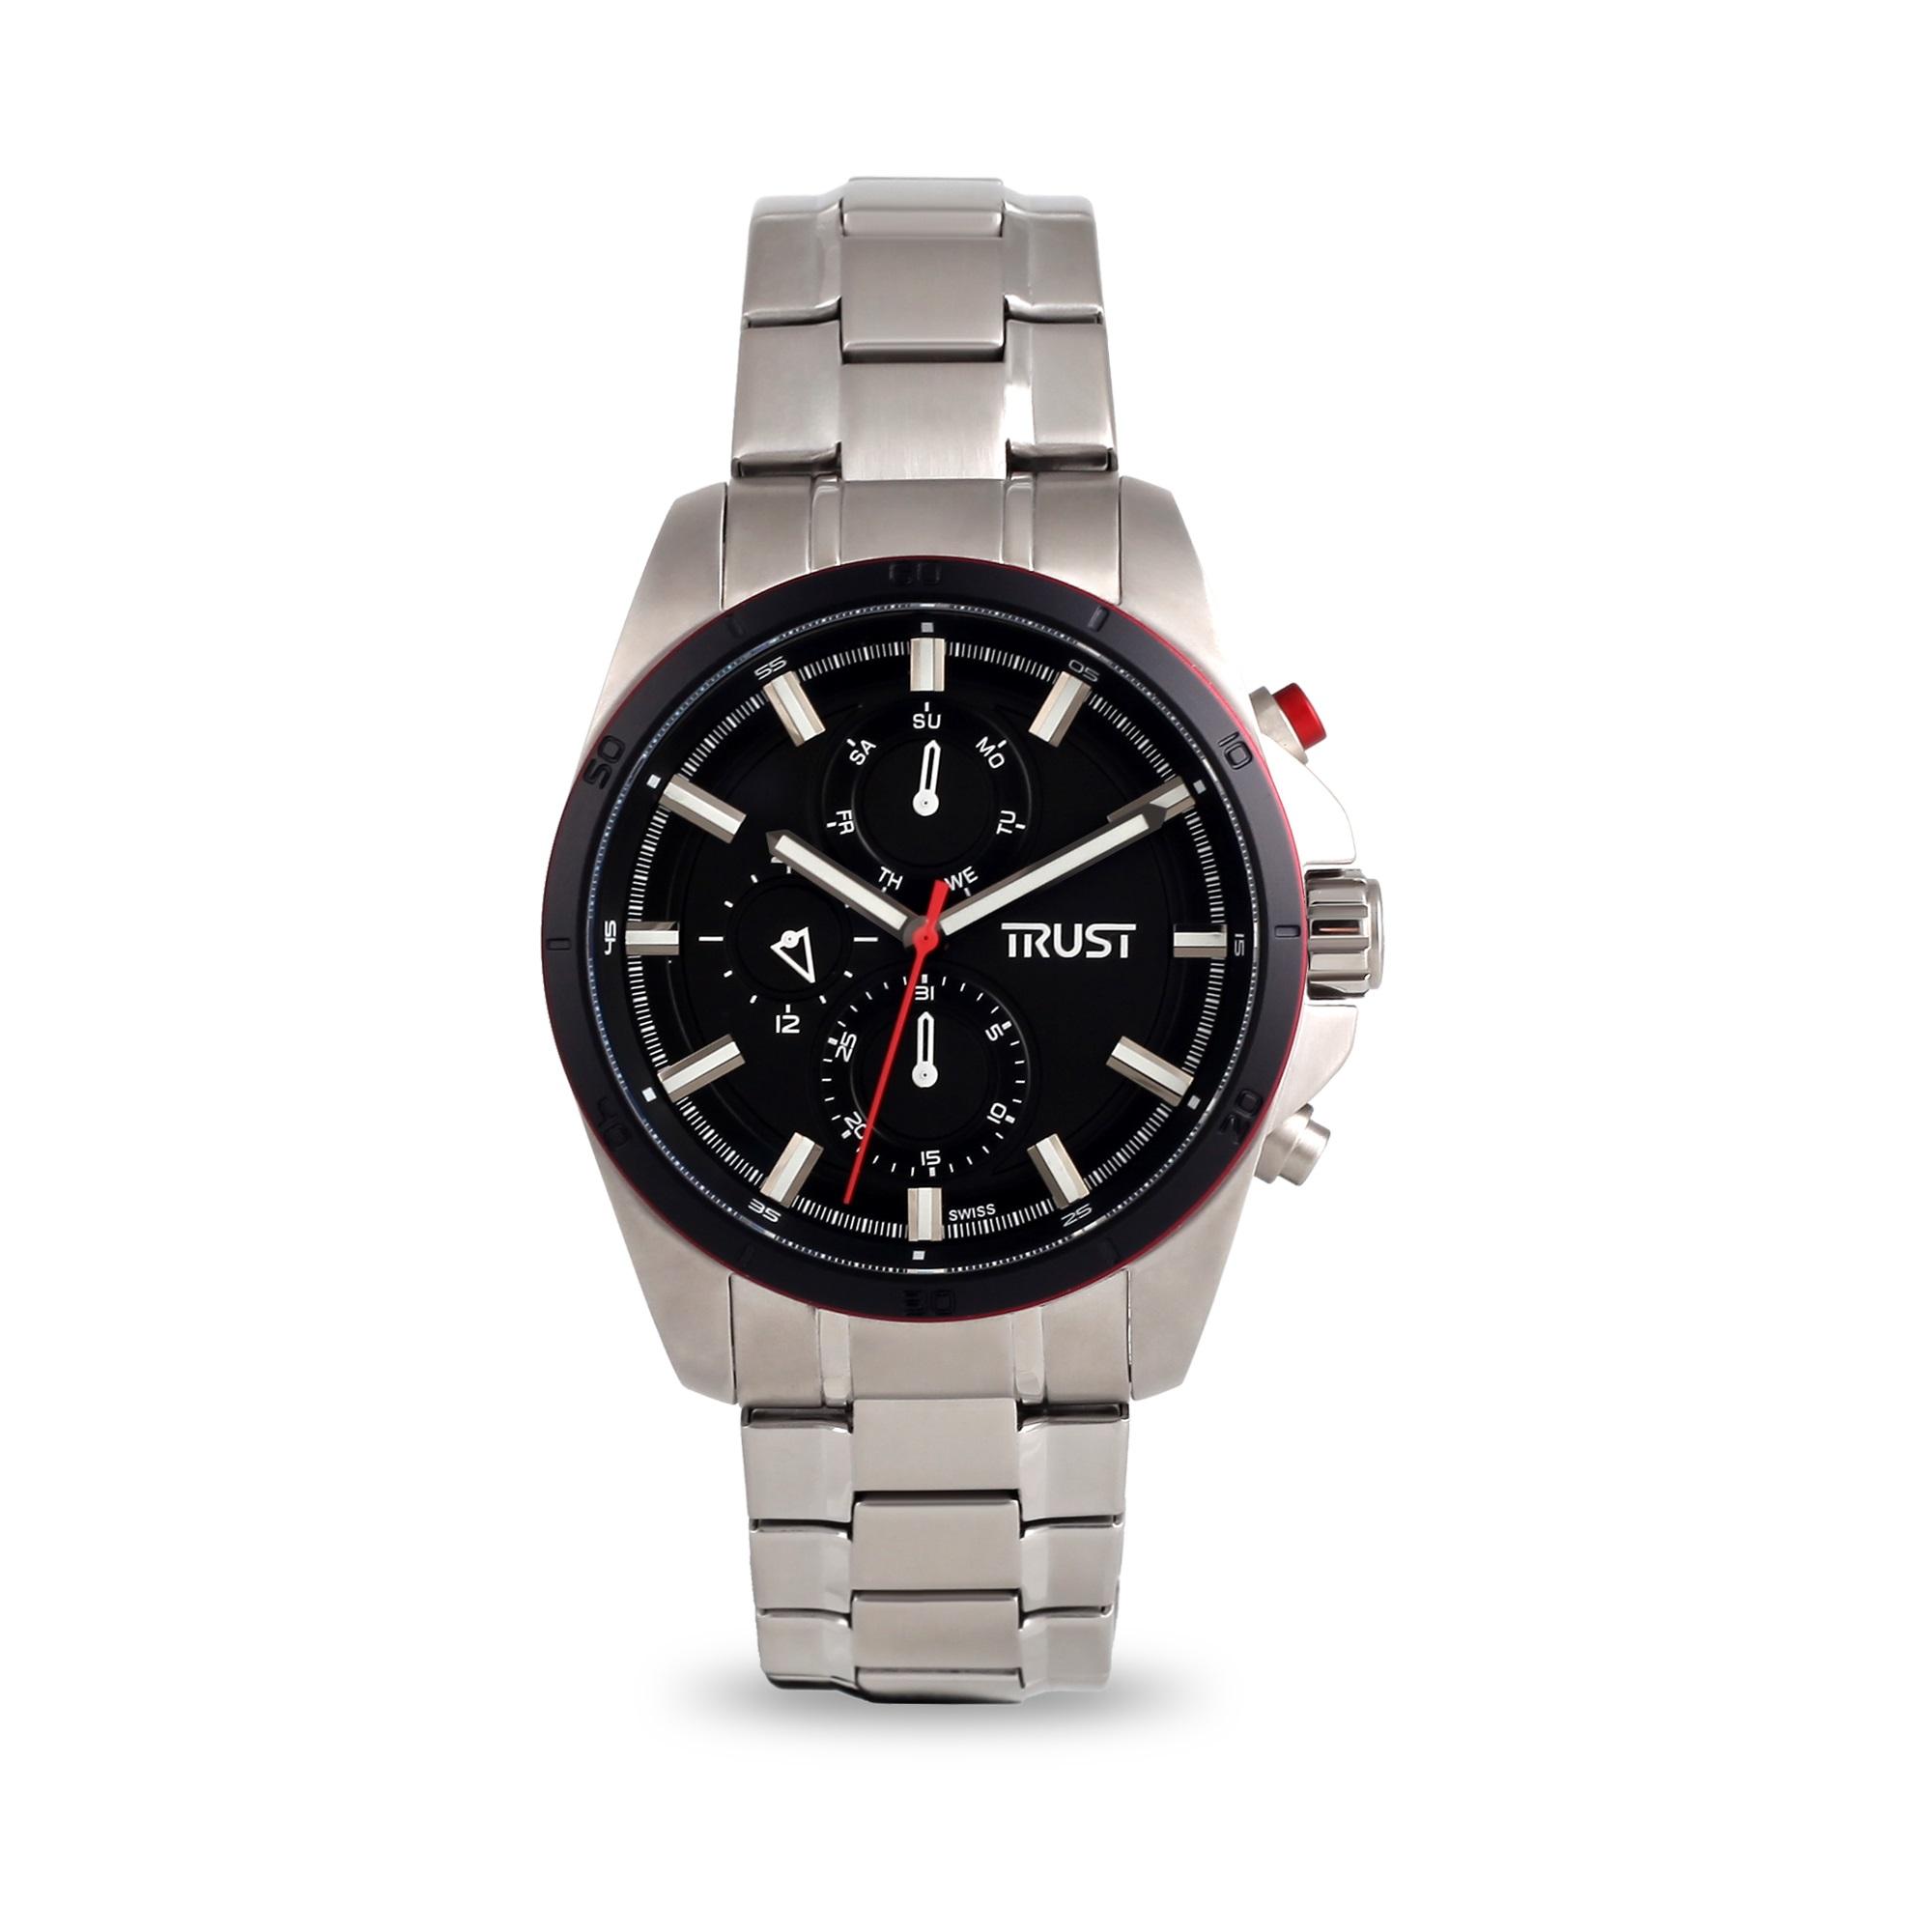 ساعت مچی عقربه ای مردانه تراست مدل G495HRD 46